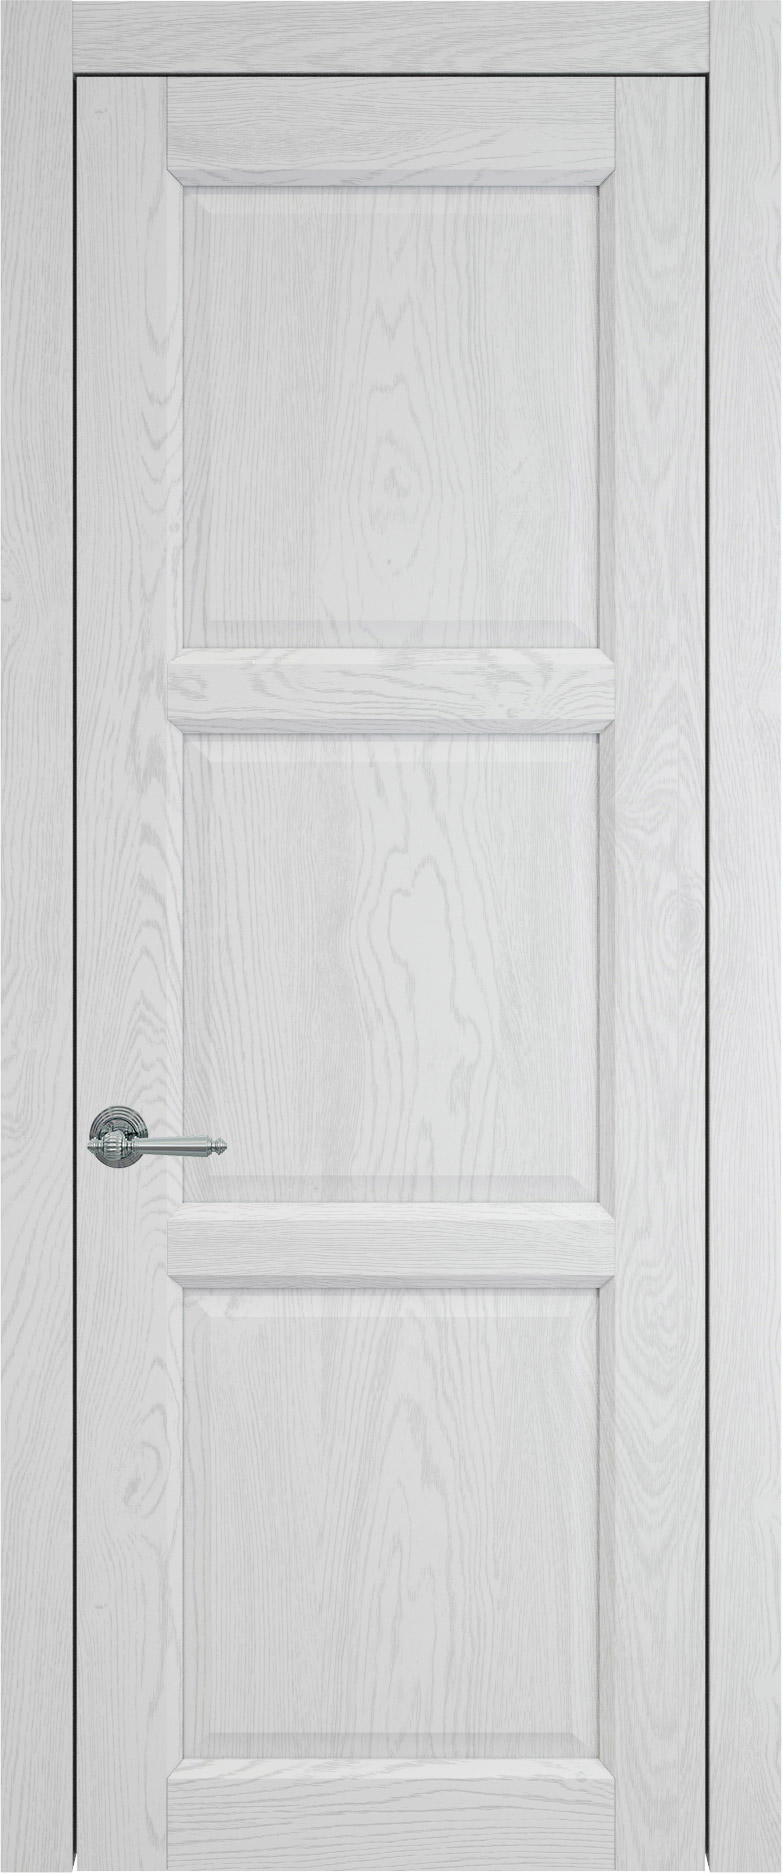 Milano цвет - Белый ясень (шпон) Без стекла (ДГ)